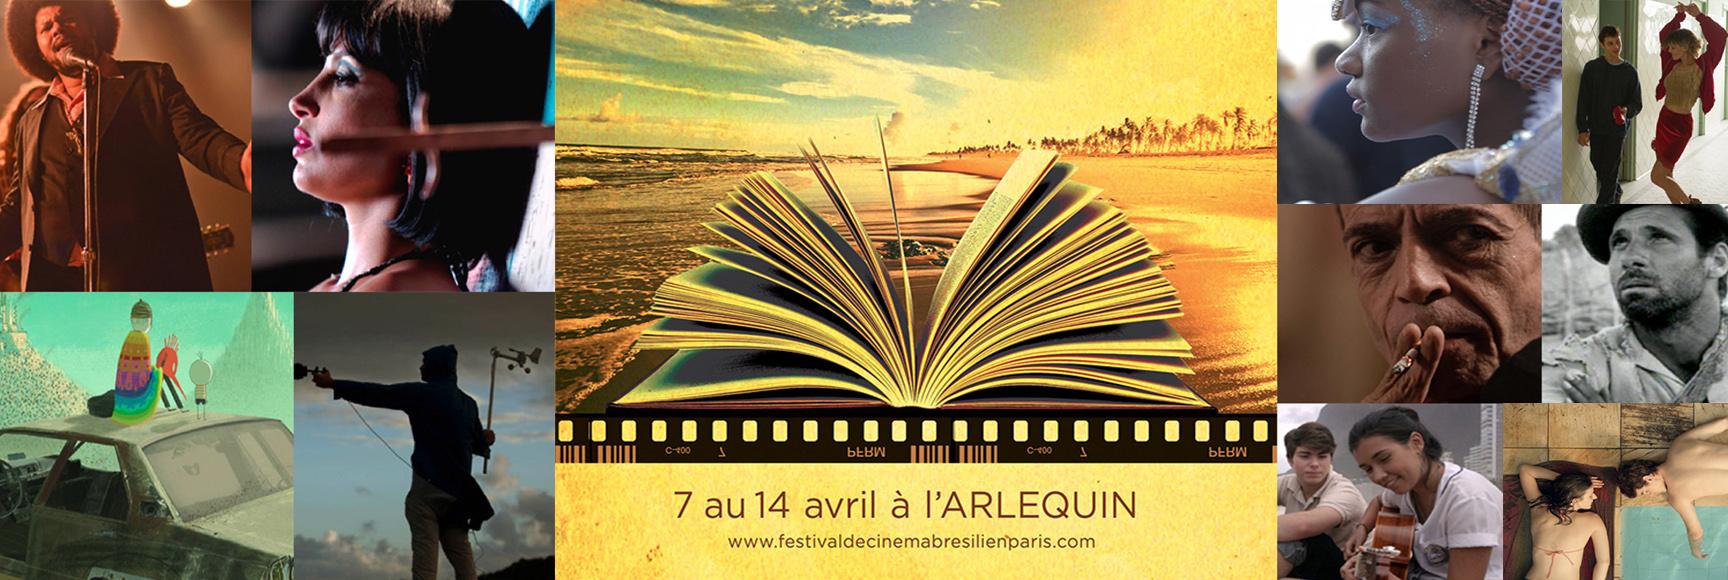 Festival film bresil